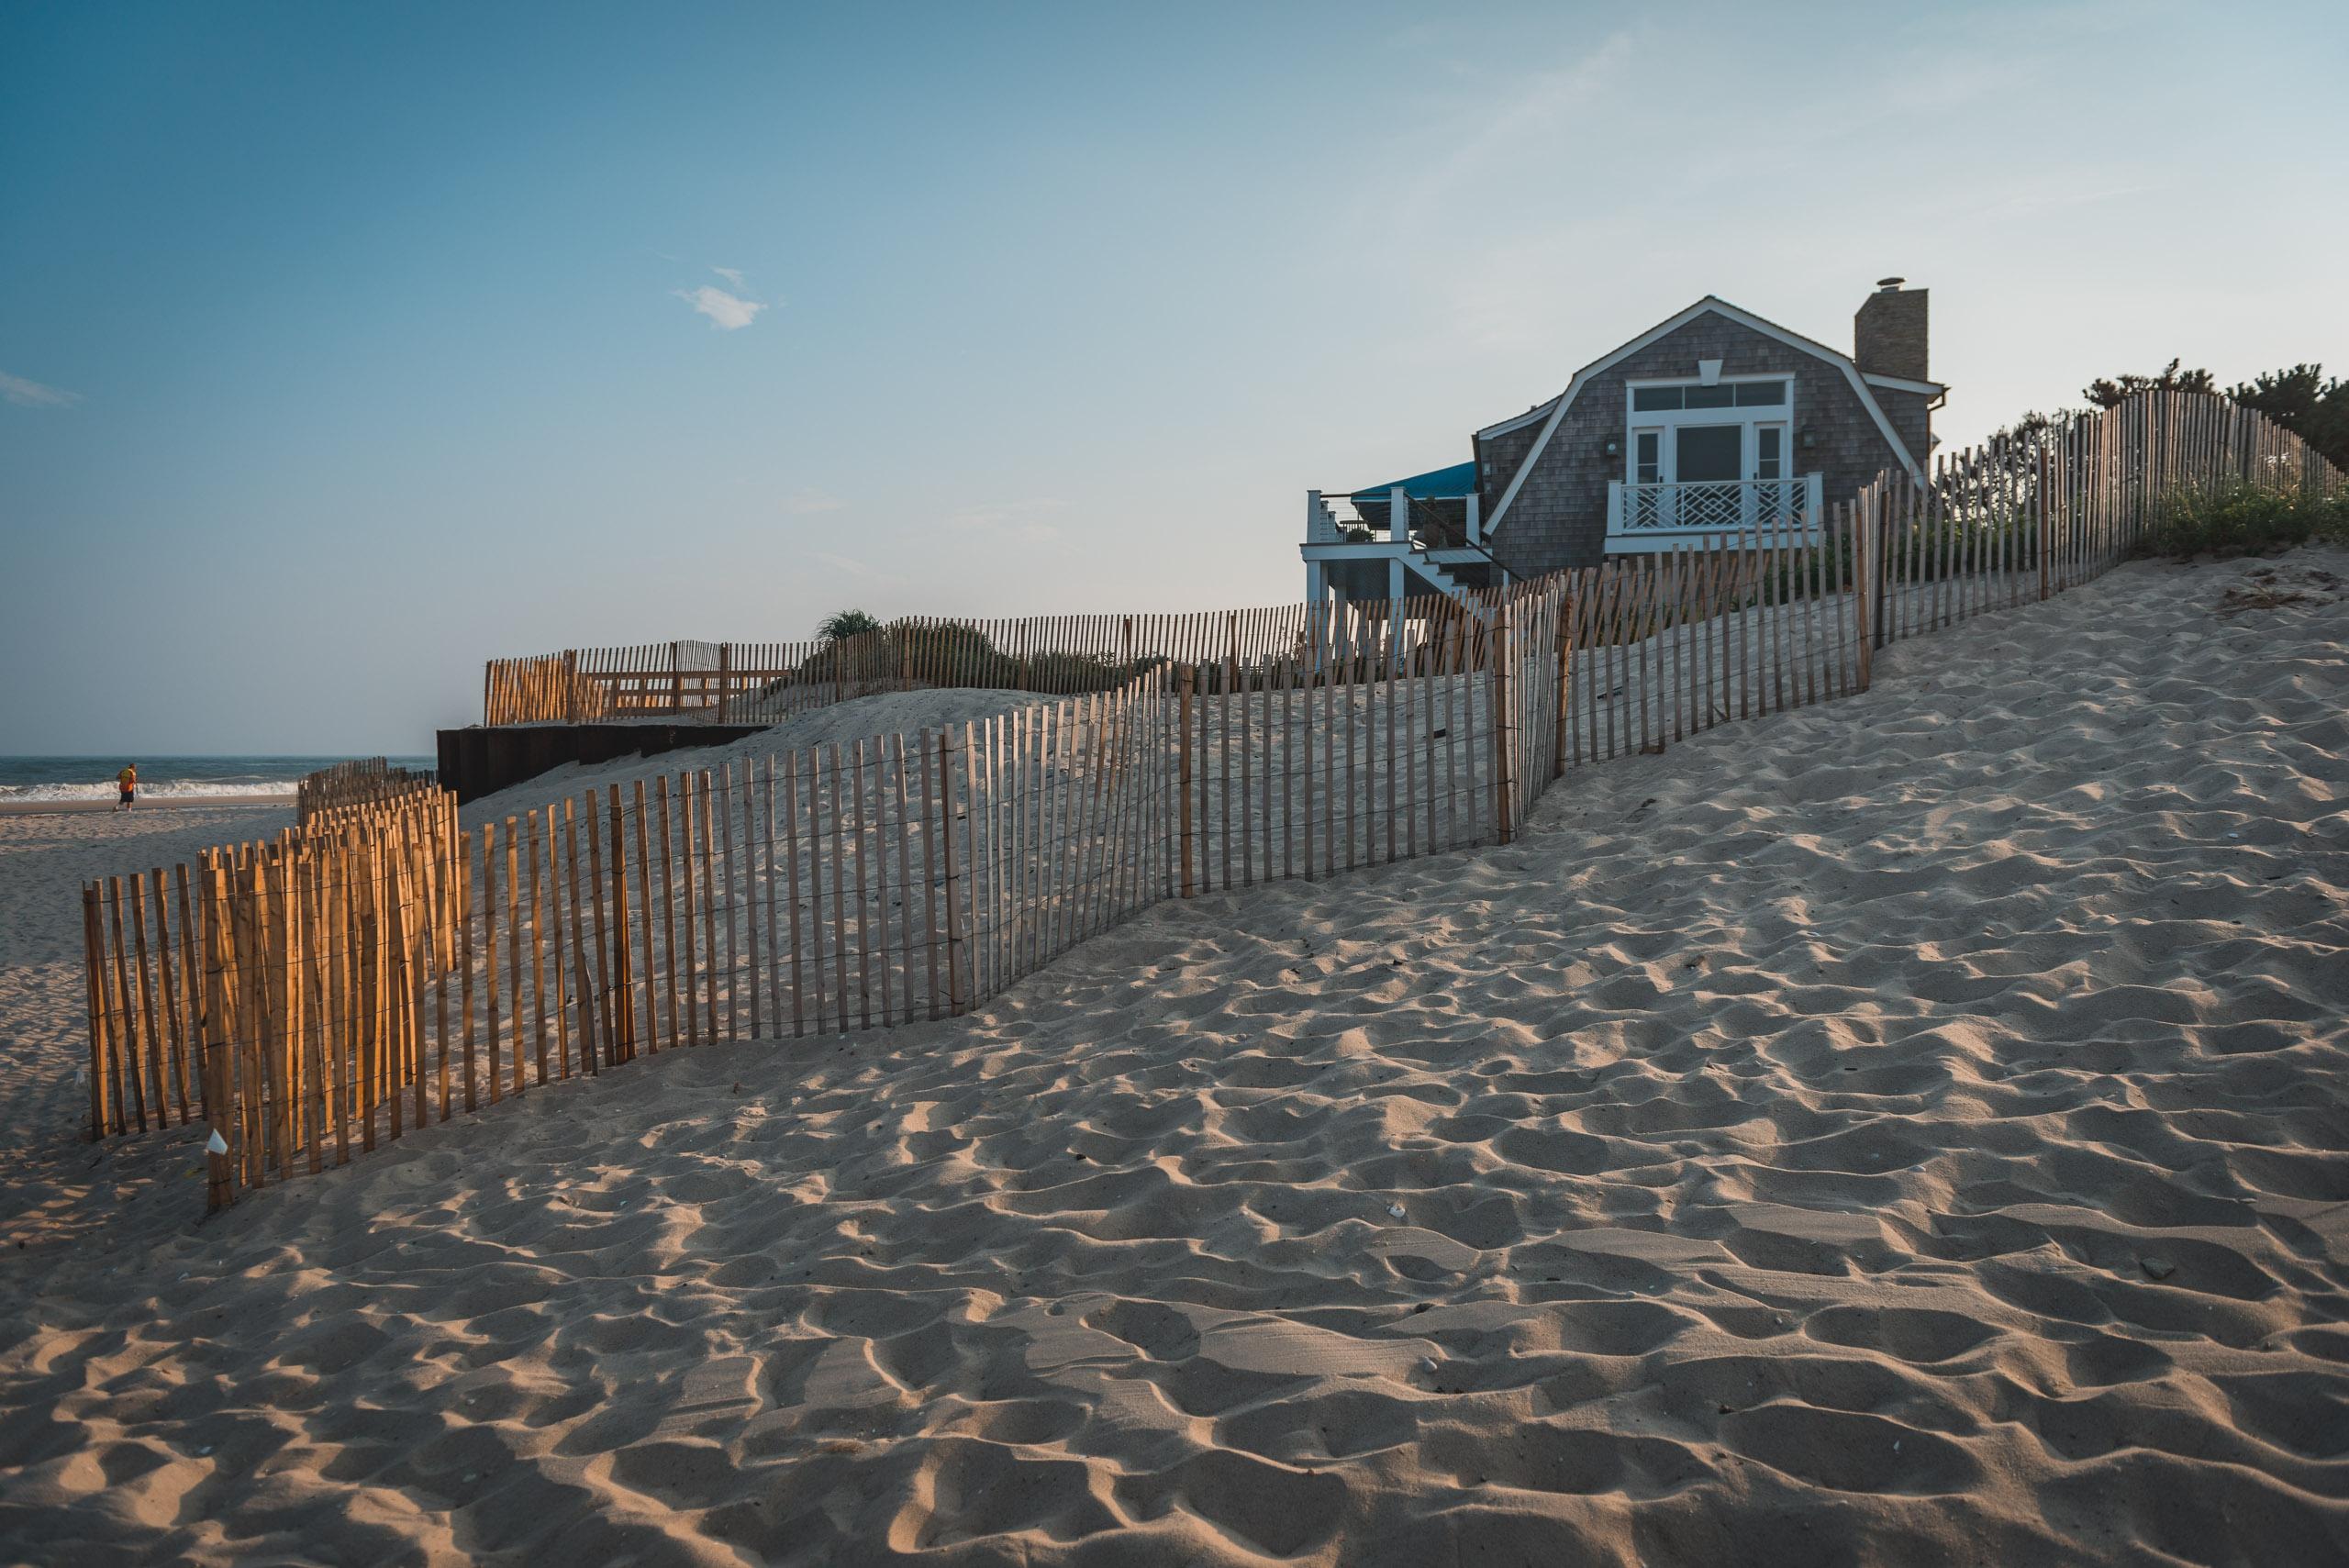 A Fancy House on the Beach